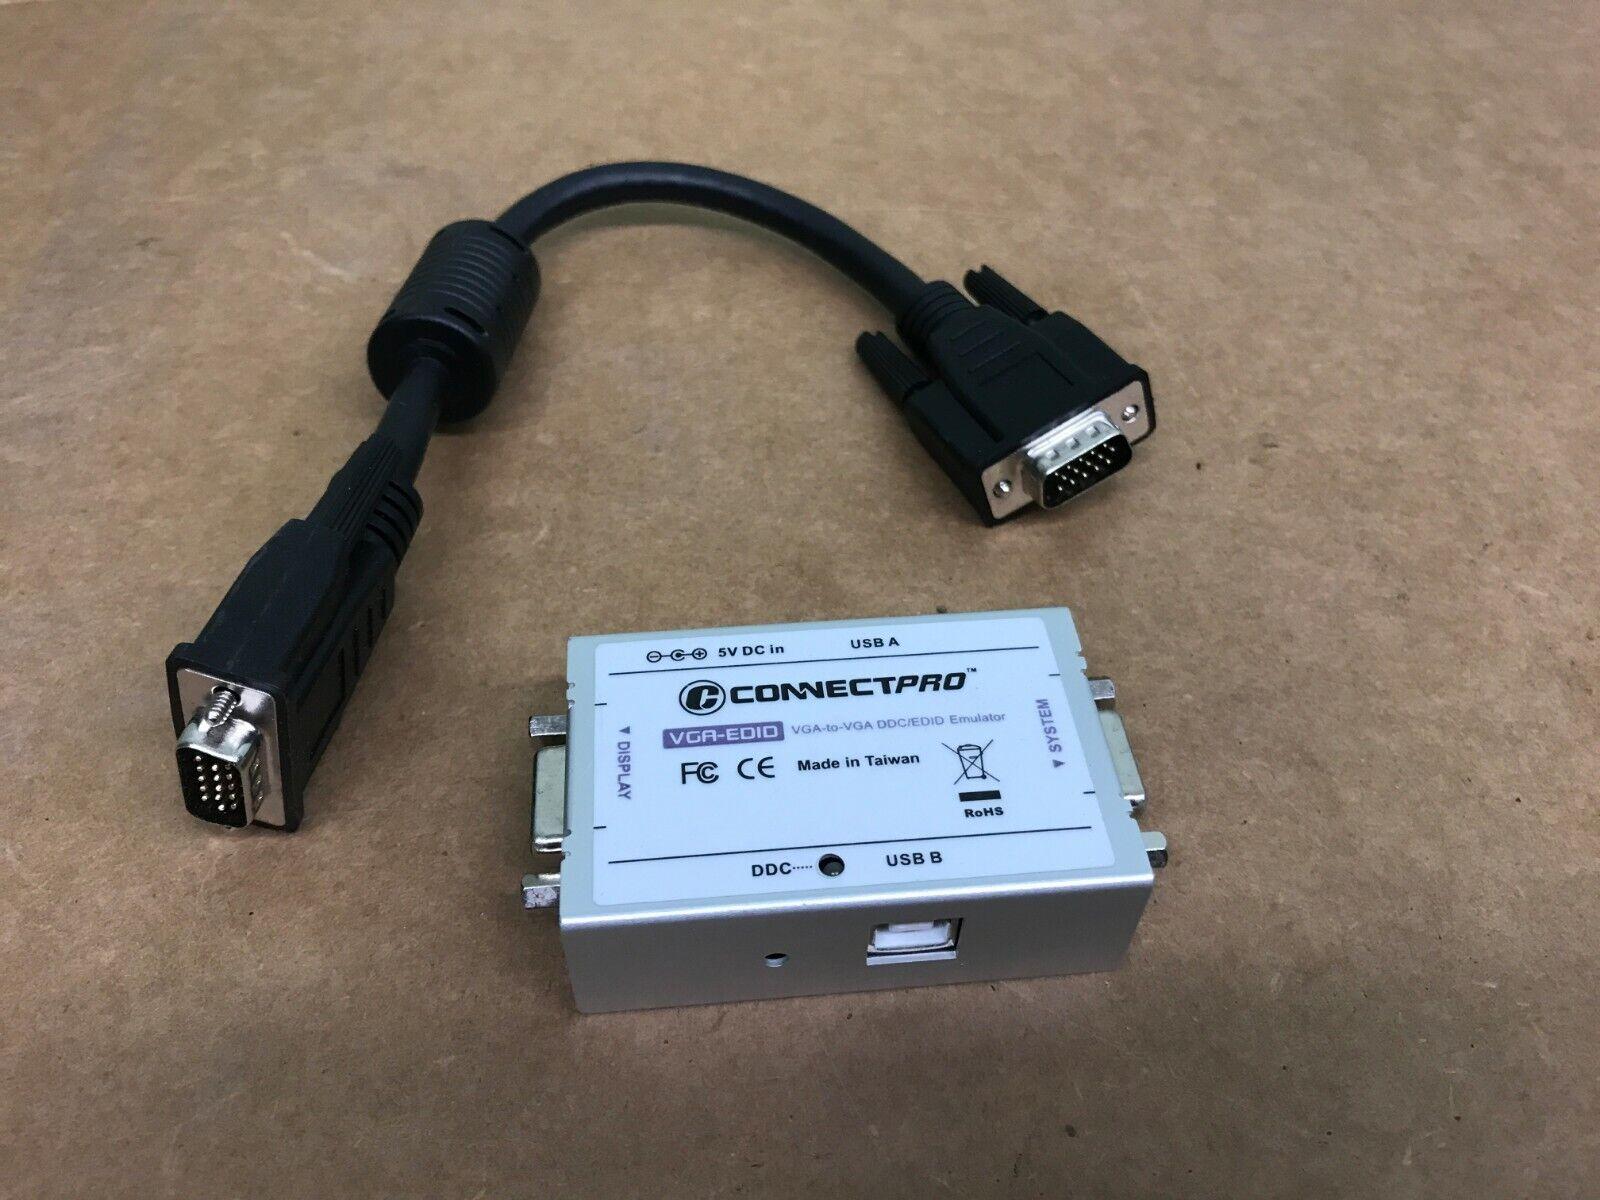 NEW ConnectPRO VGA-EDID VGA-VGA DDC//EDID Professional Ghost Emulator